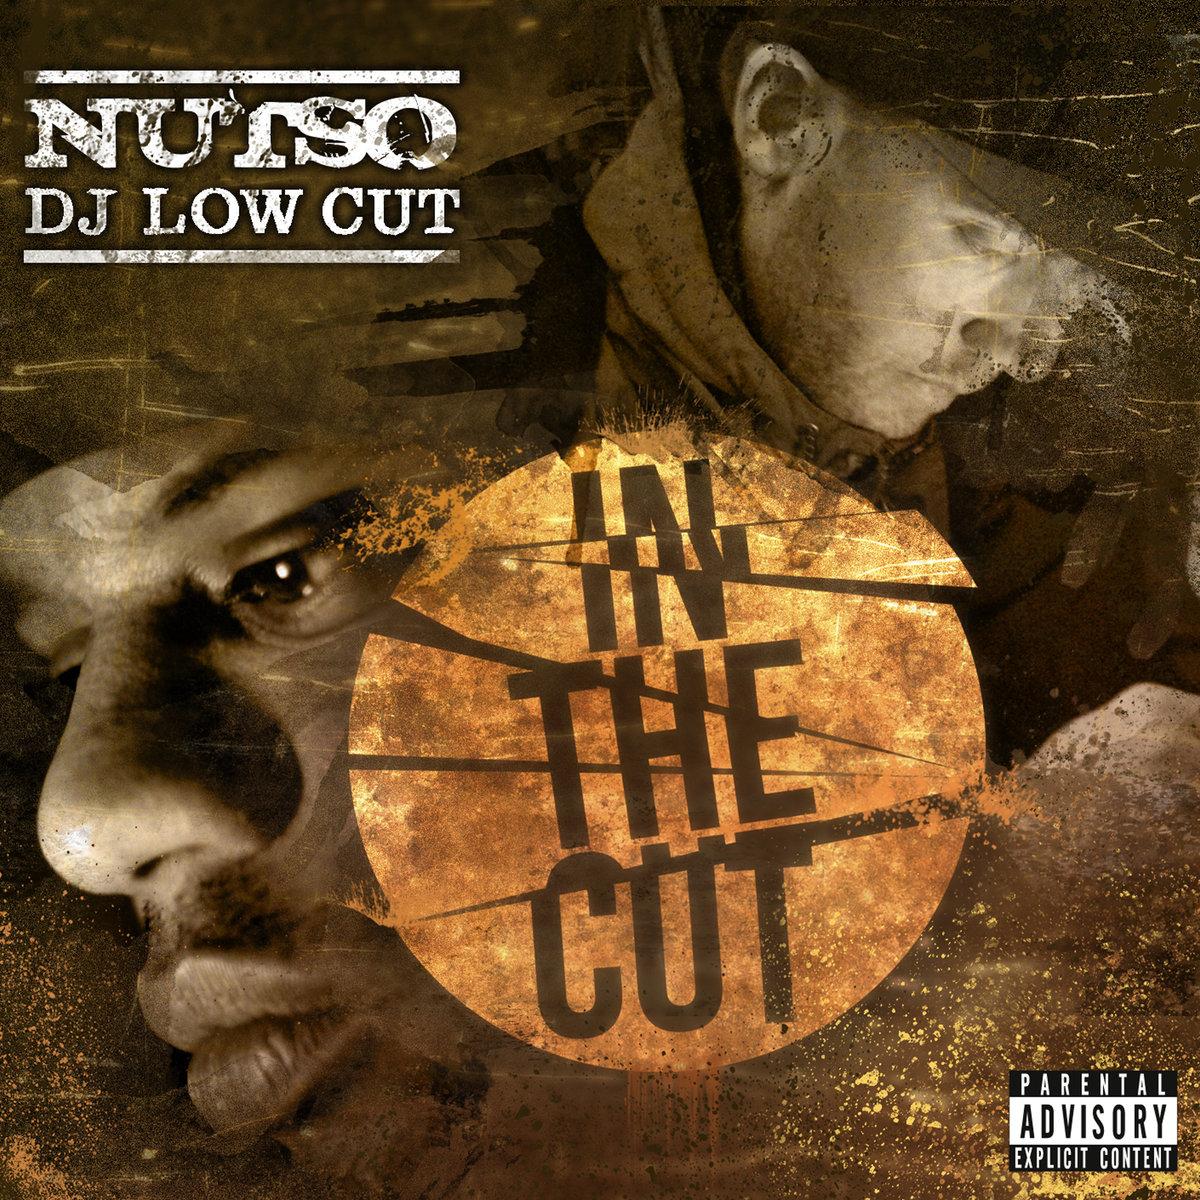 10. Nutso & Dj Low Cut - In The Cut